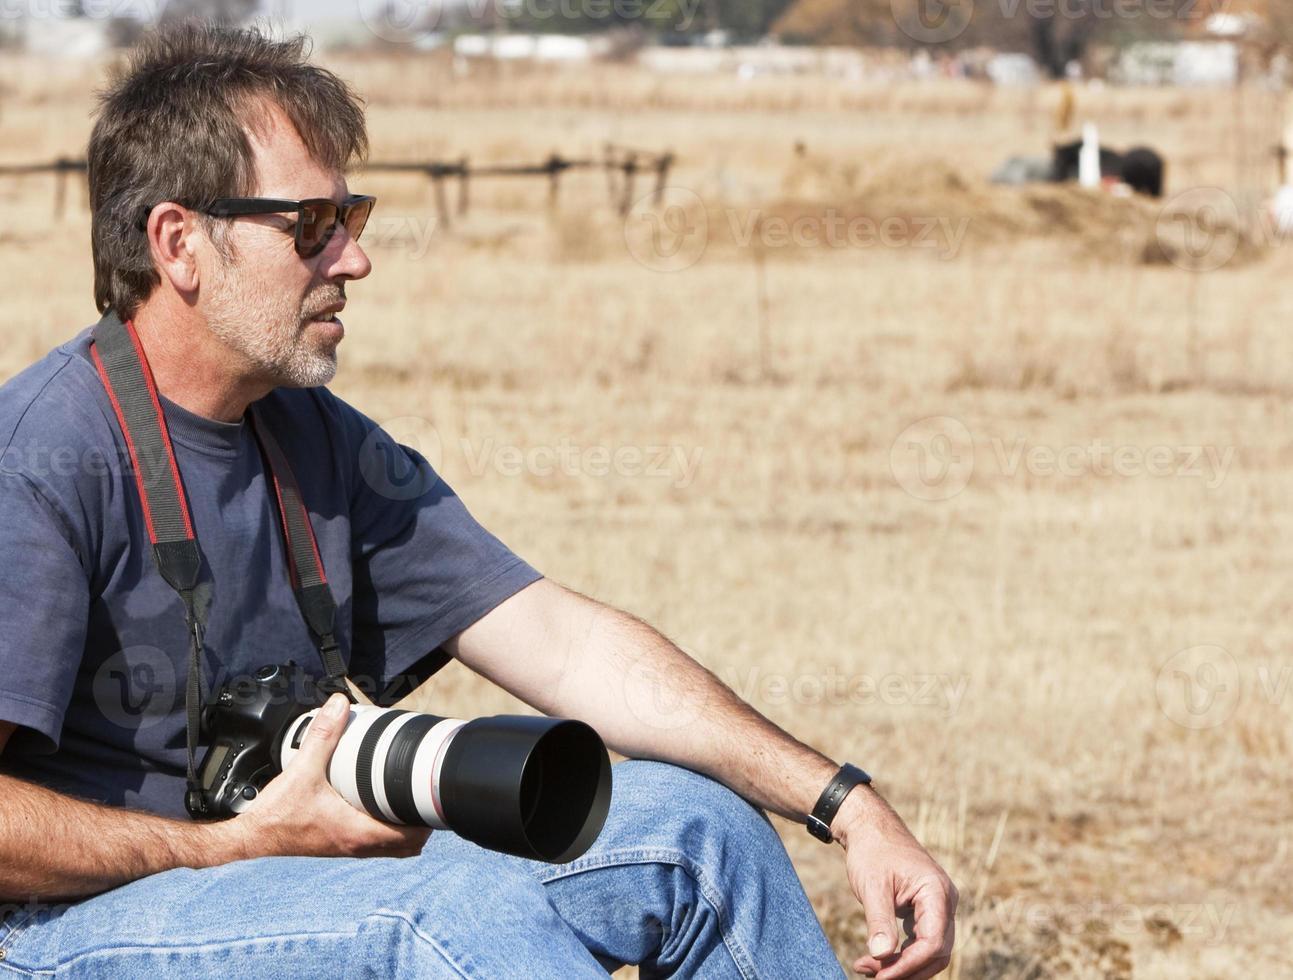 fotografo alla ricerca dell'immagine perfetta foto